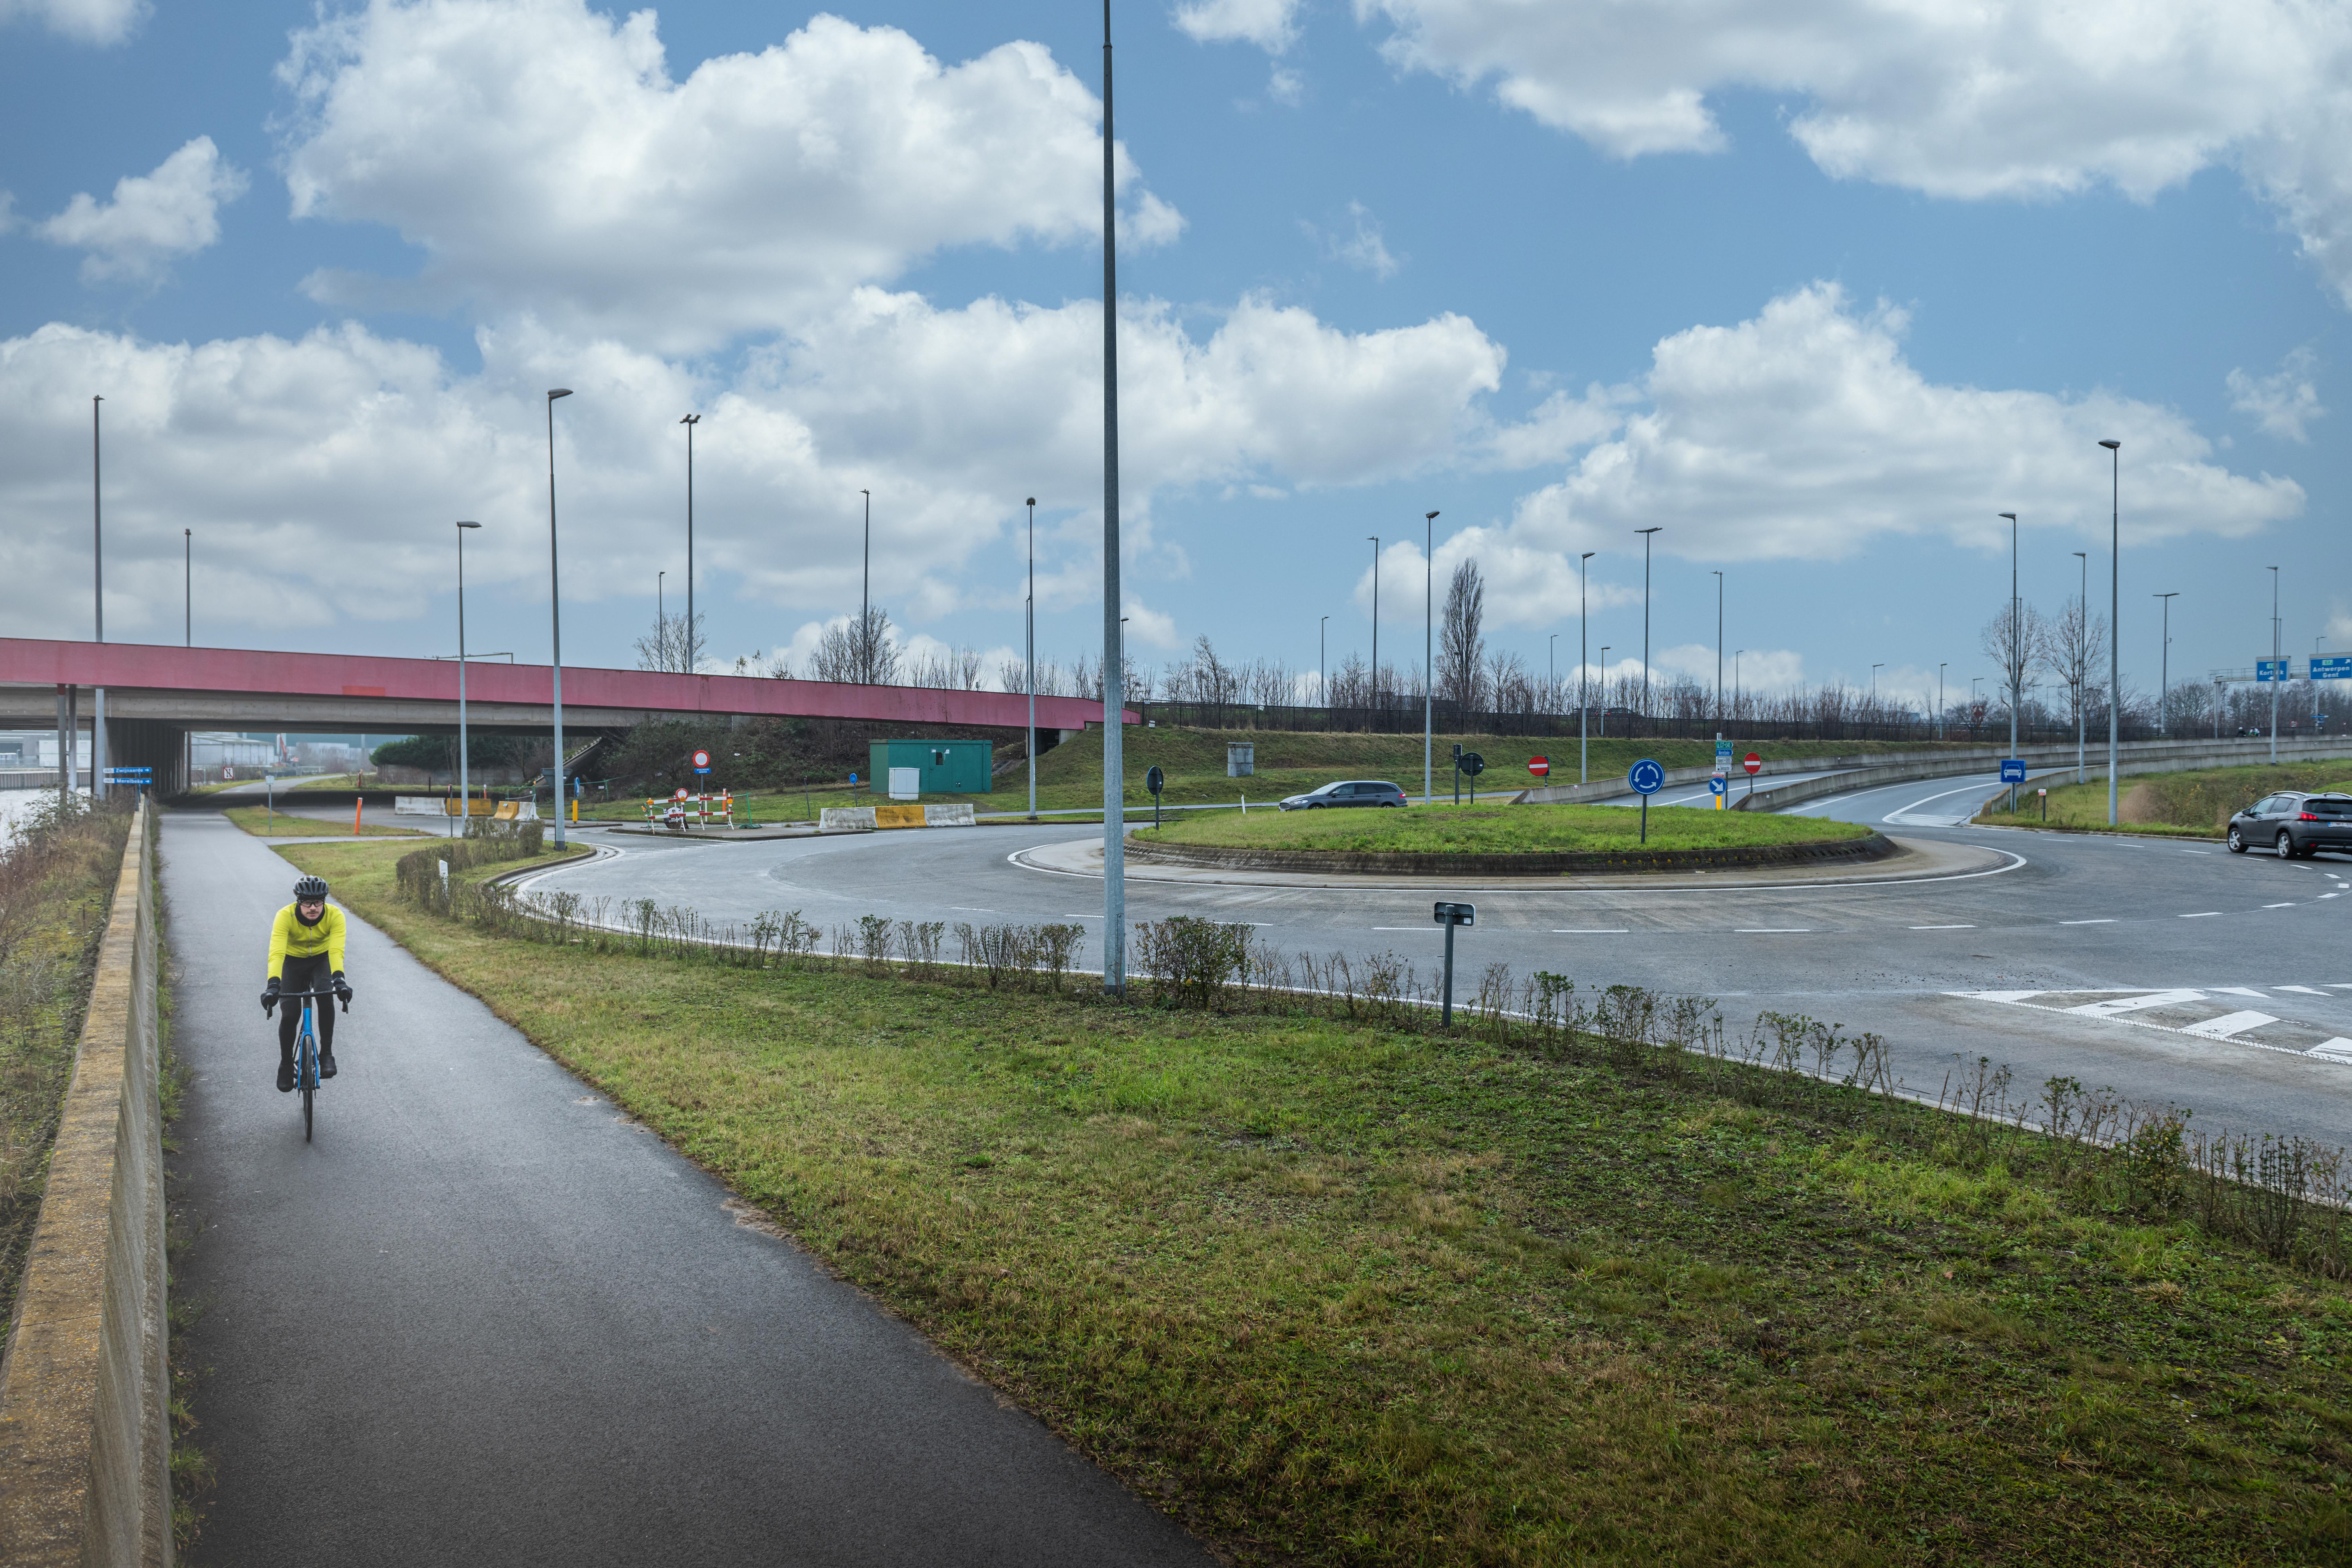 De nieuwe ontsluitingsweg achteraan zal aansluiting op deze rotonde geven. © Jeroen Willems